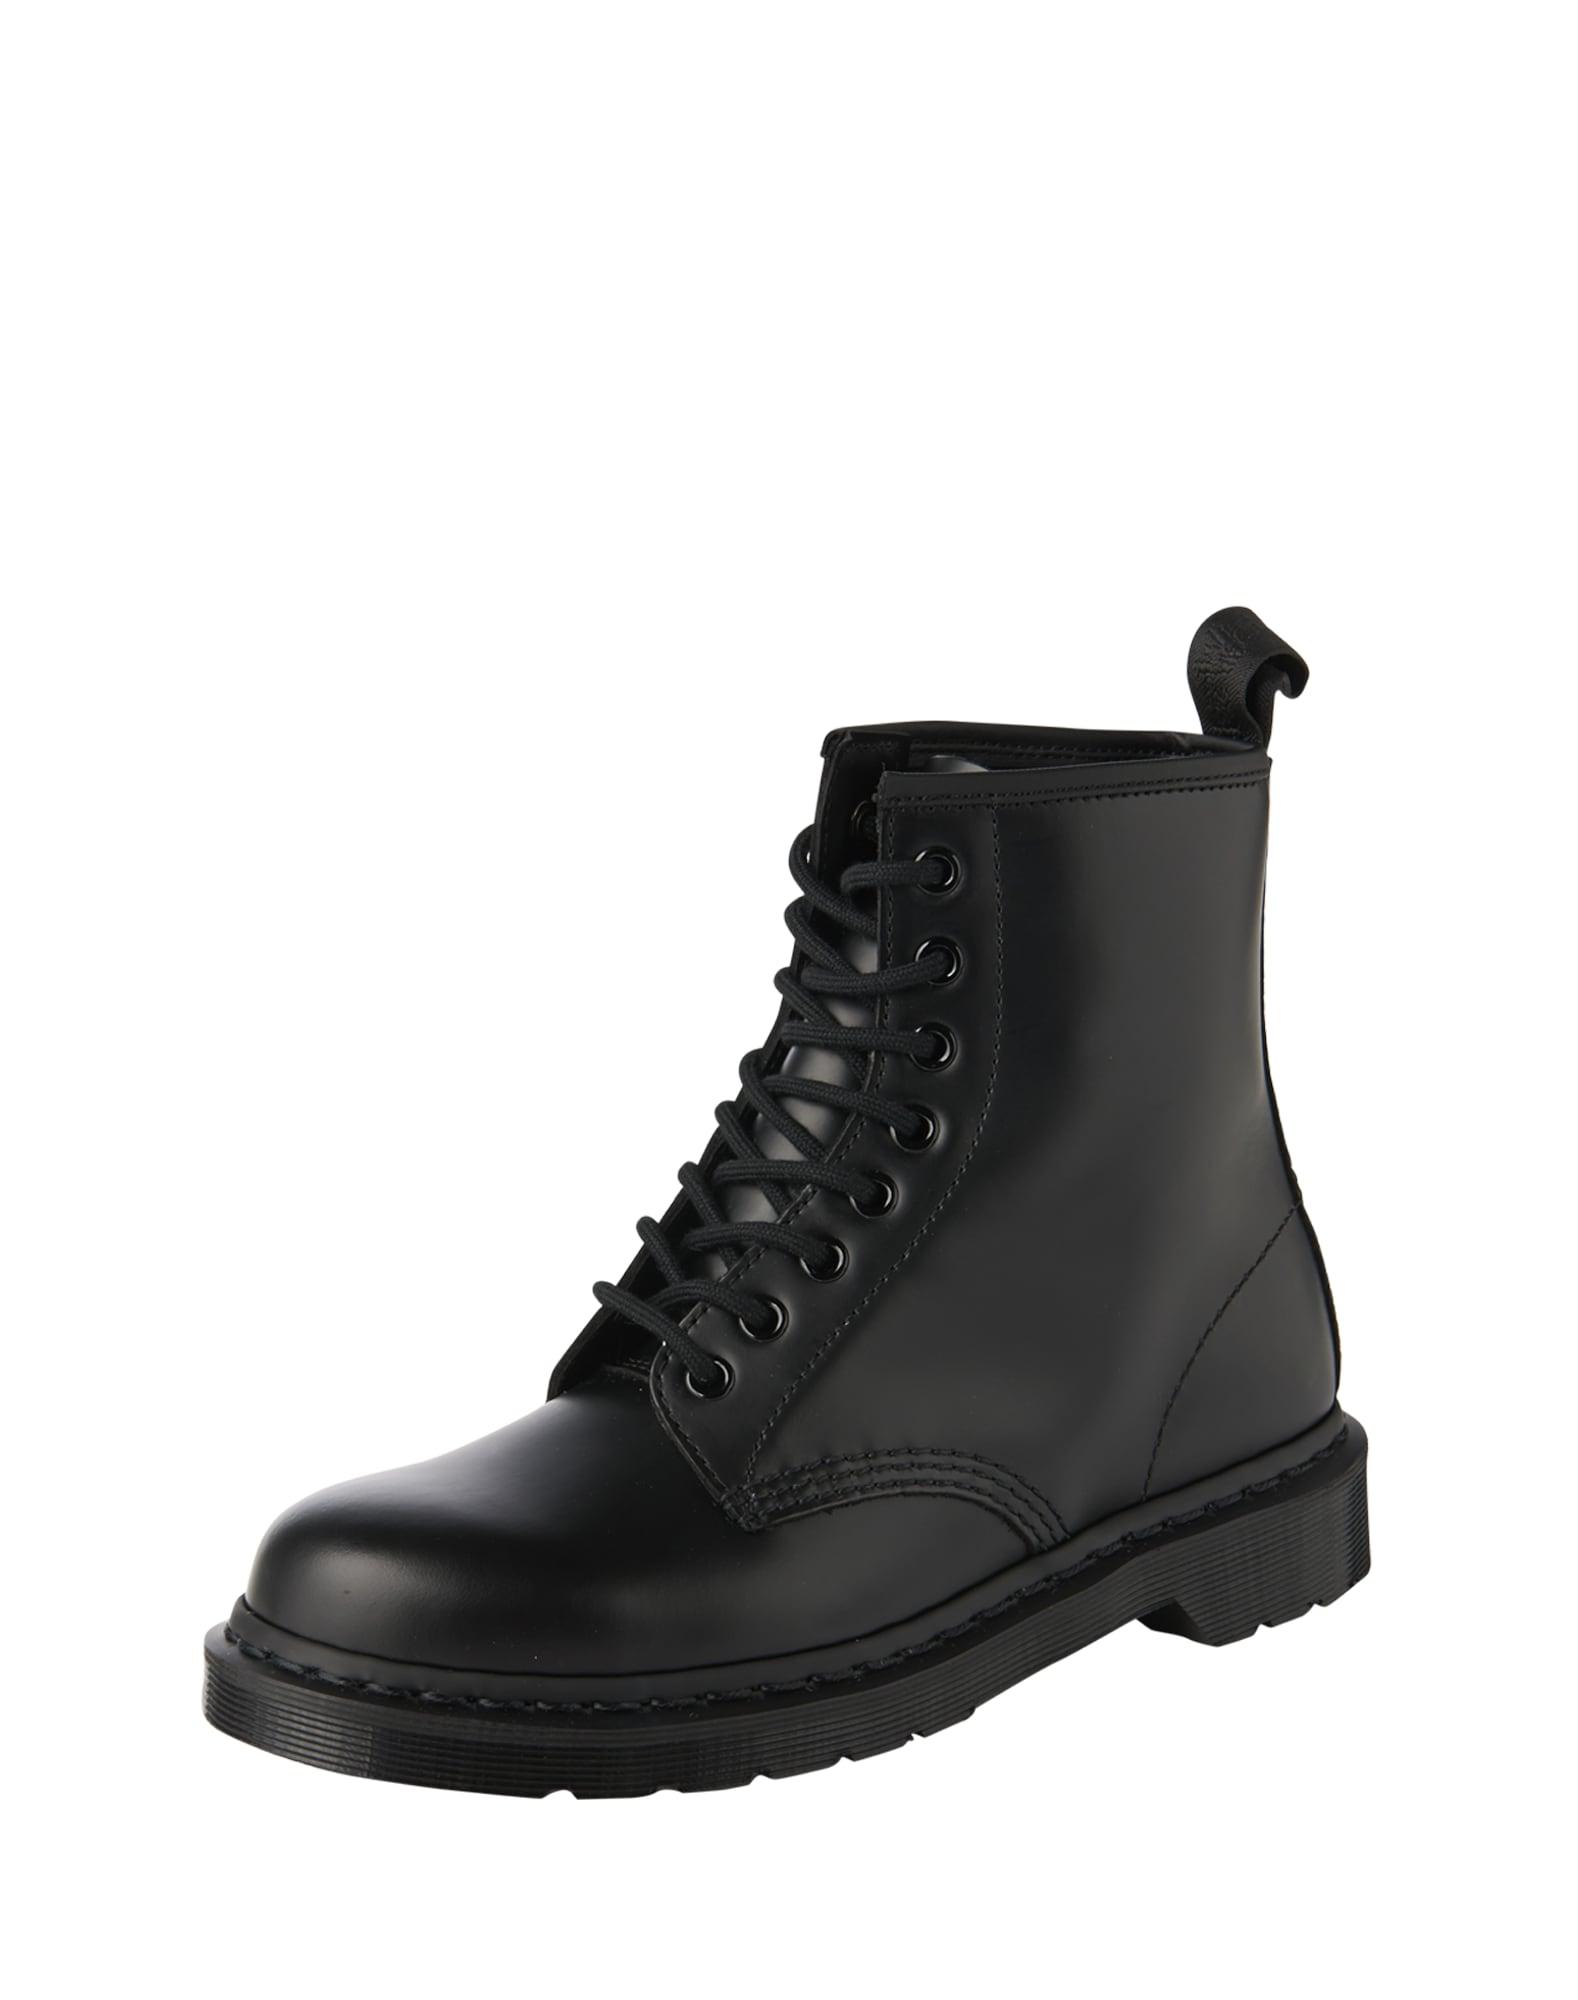 Šněrovací boty 8-Eye Boot černá Dr. Martens